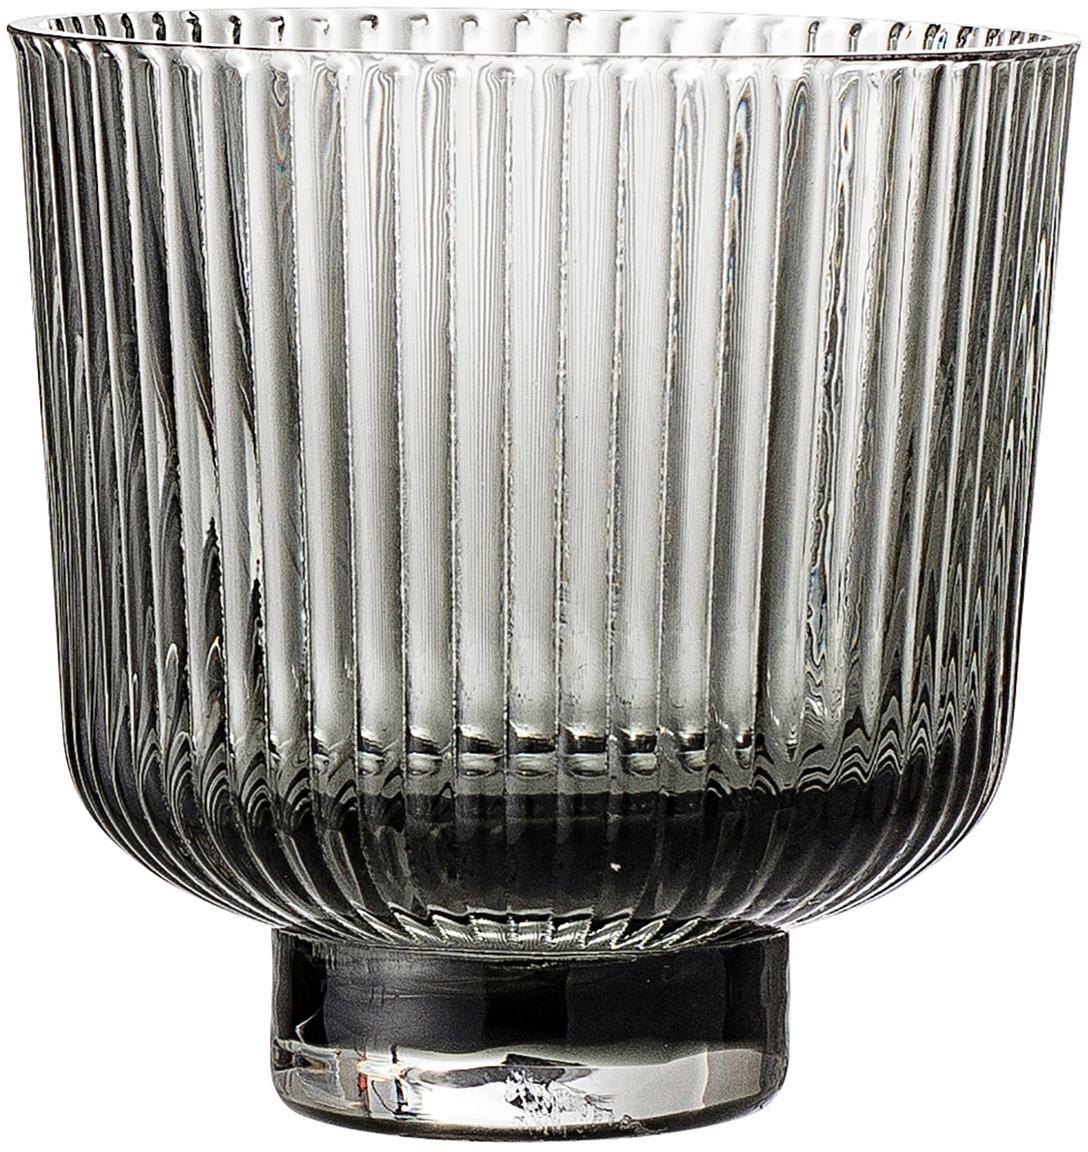 Waxinelichthouders Vaclav, 2 stuks, Glas, Grijs, Ø 9 x H 9 cm